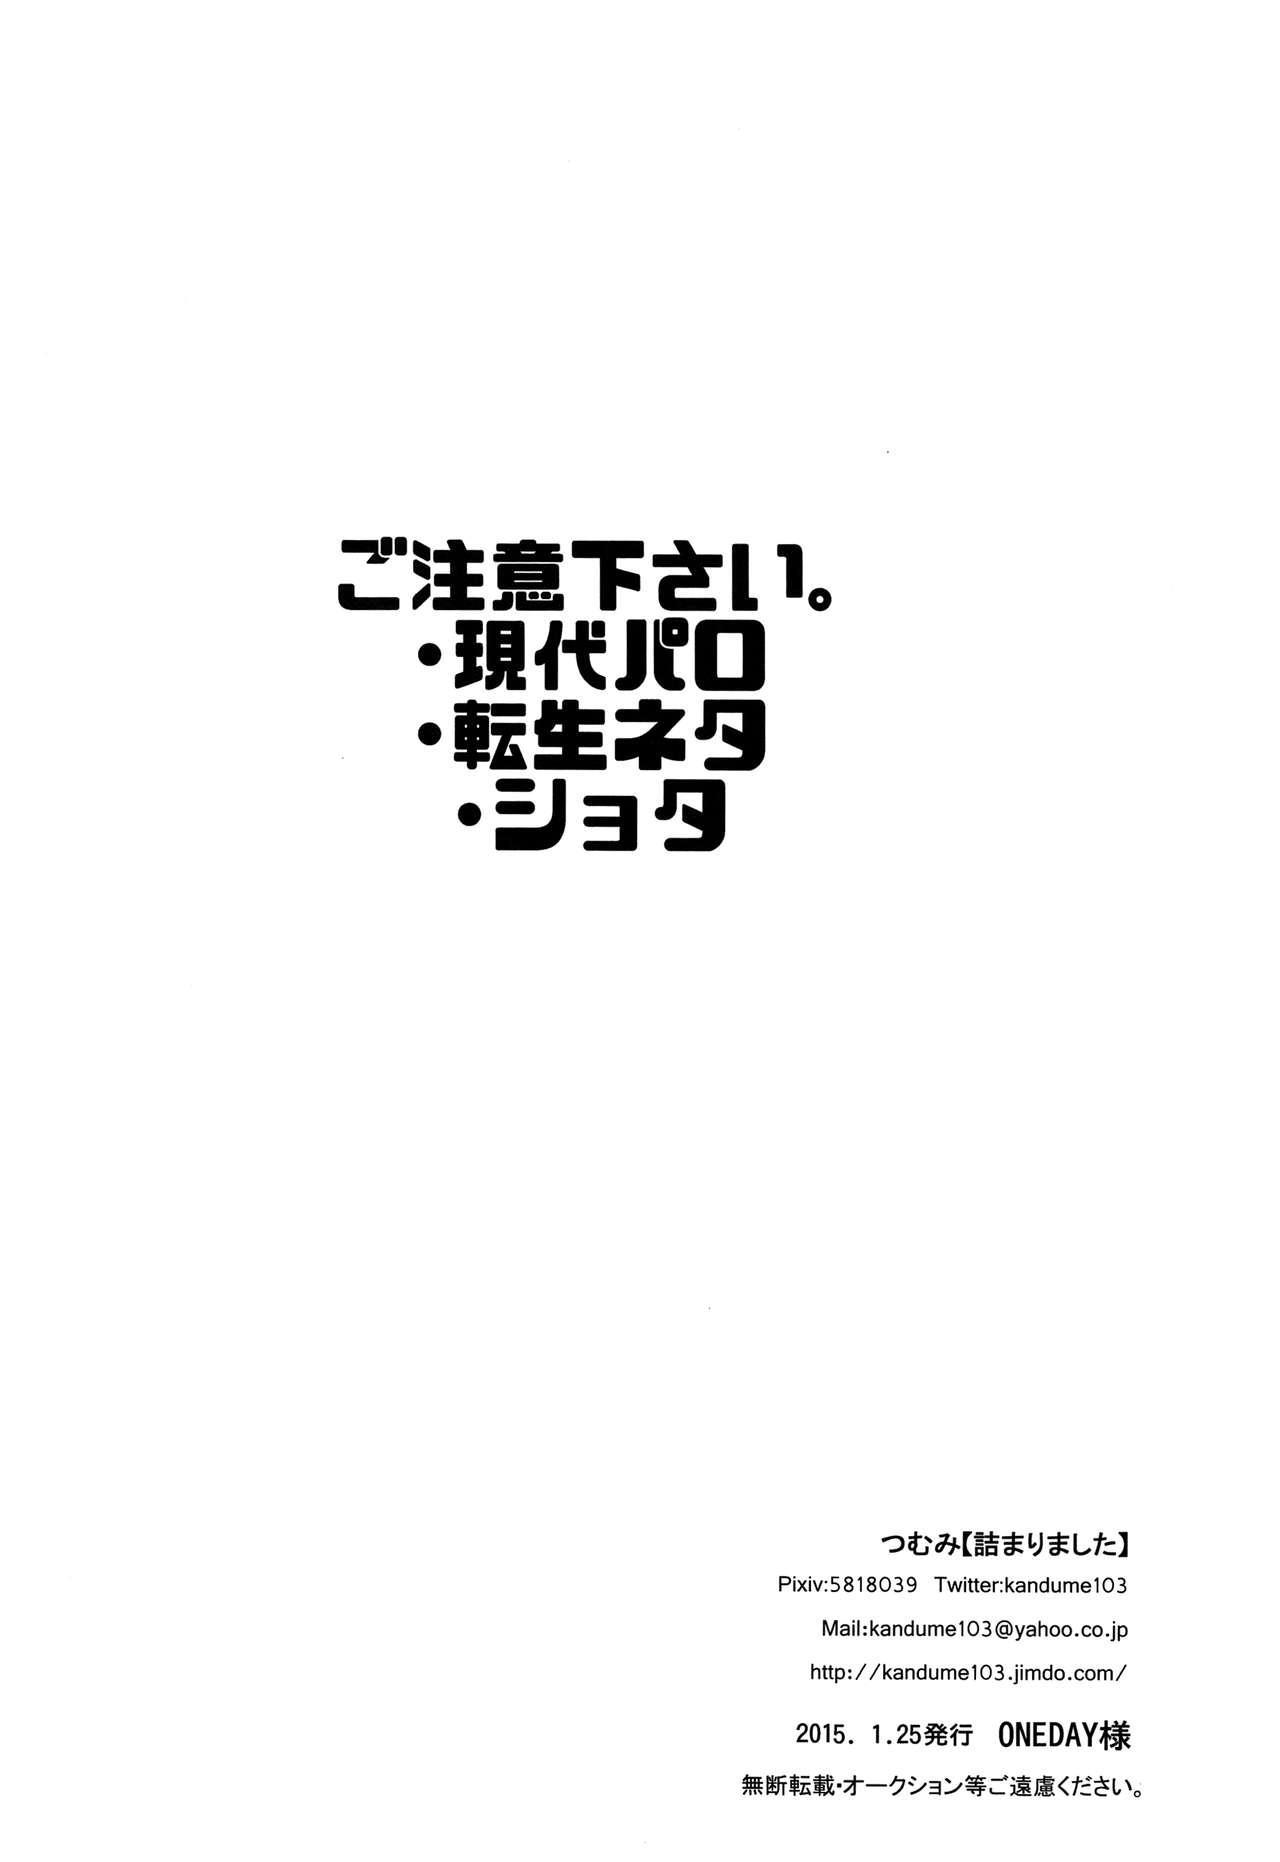 Levi Sensei to Randoseru 1